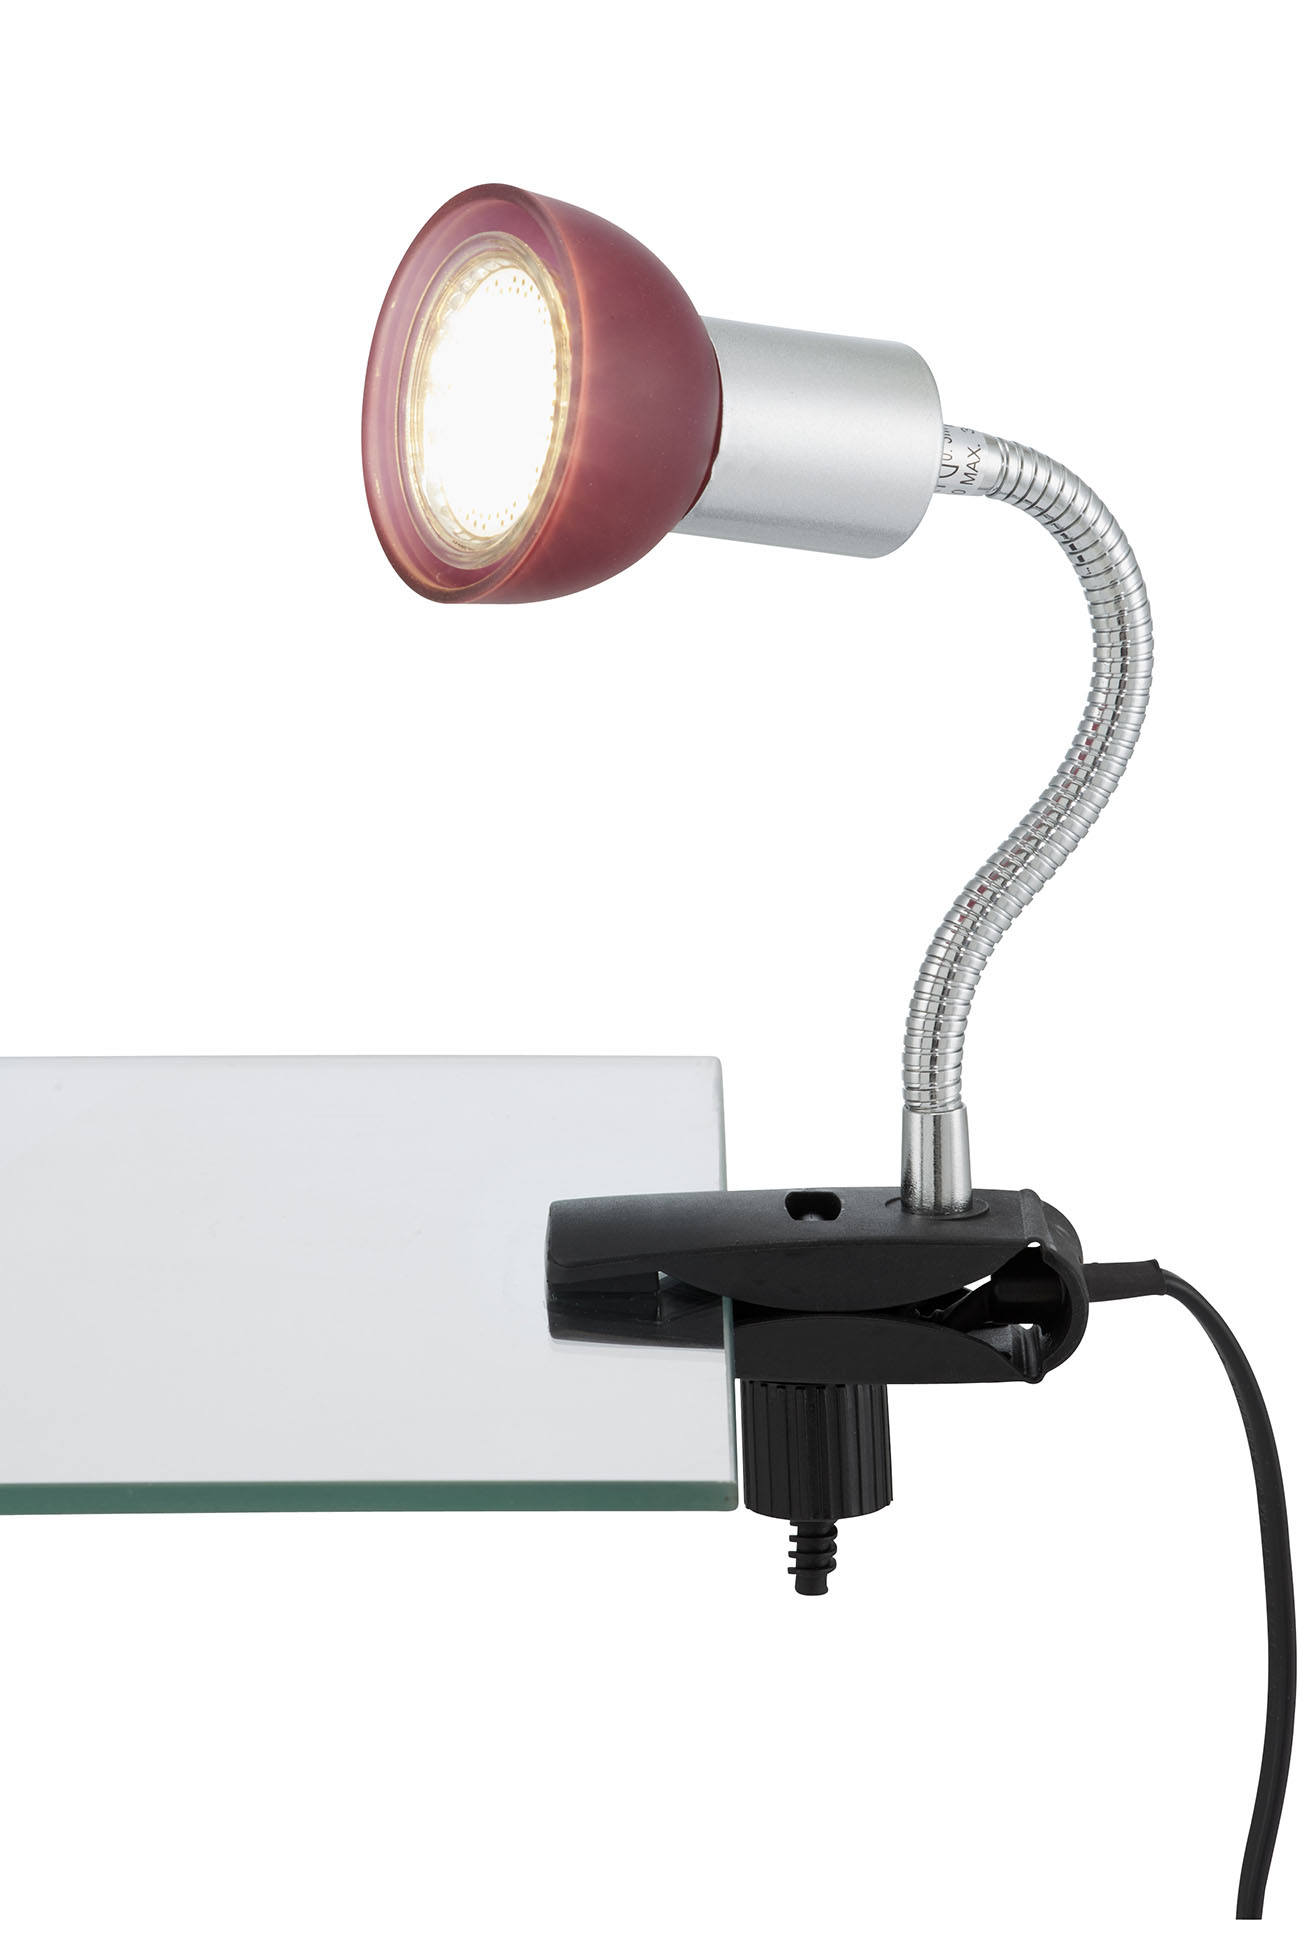 LED Klemmleuchte, 9 cm, 3 W, Titan-Rot